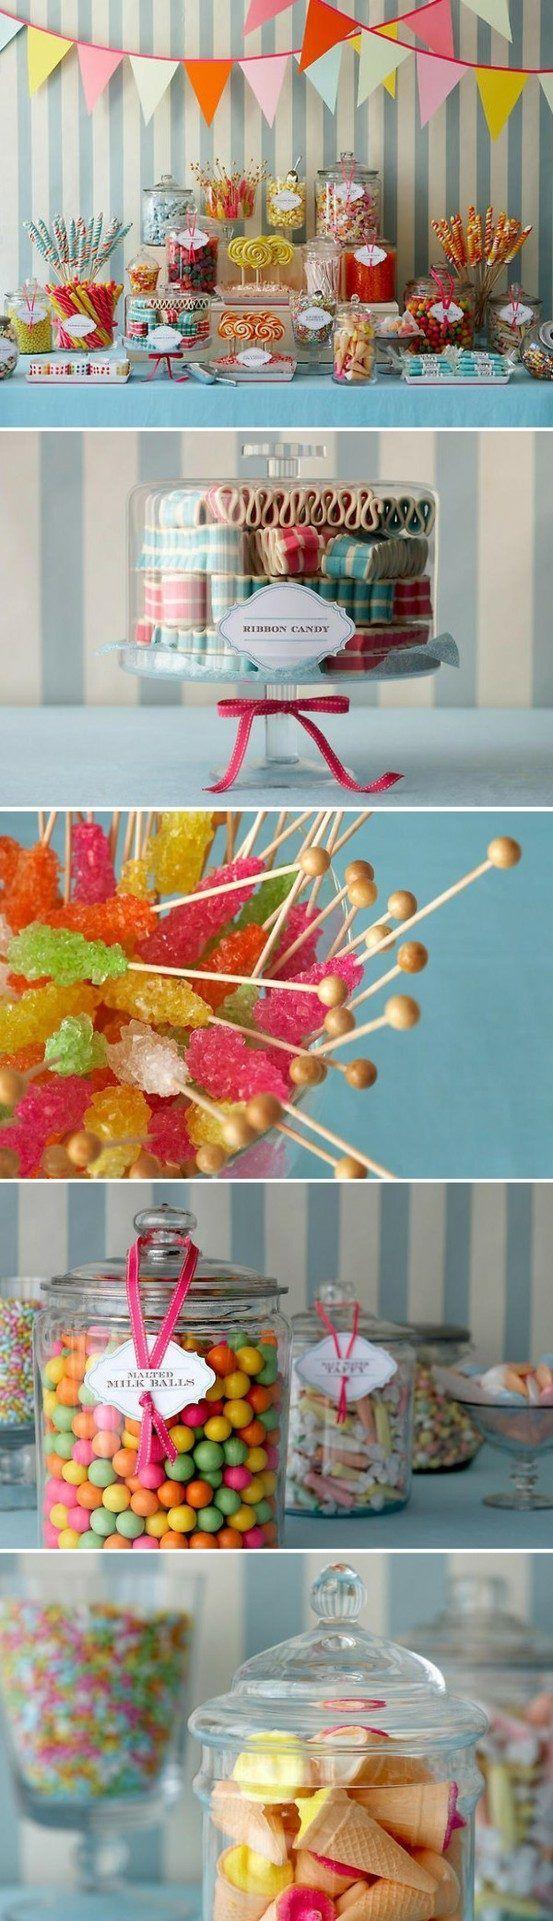 Mesa dulce de Amy Atlas, via Style me pretty